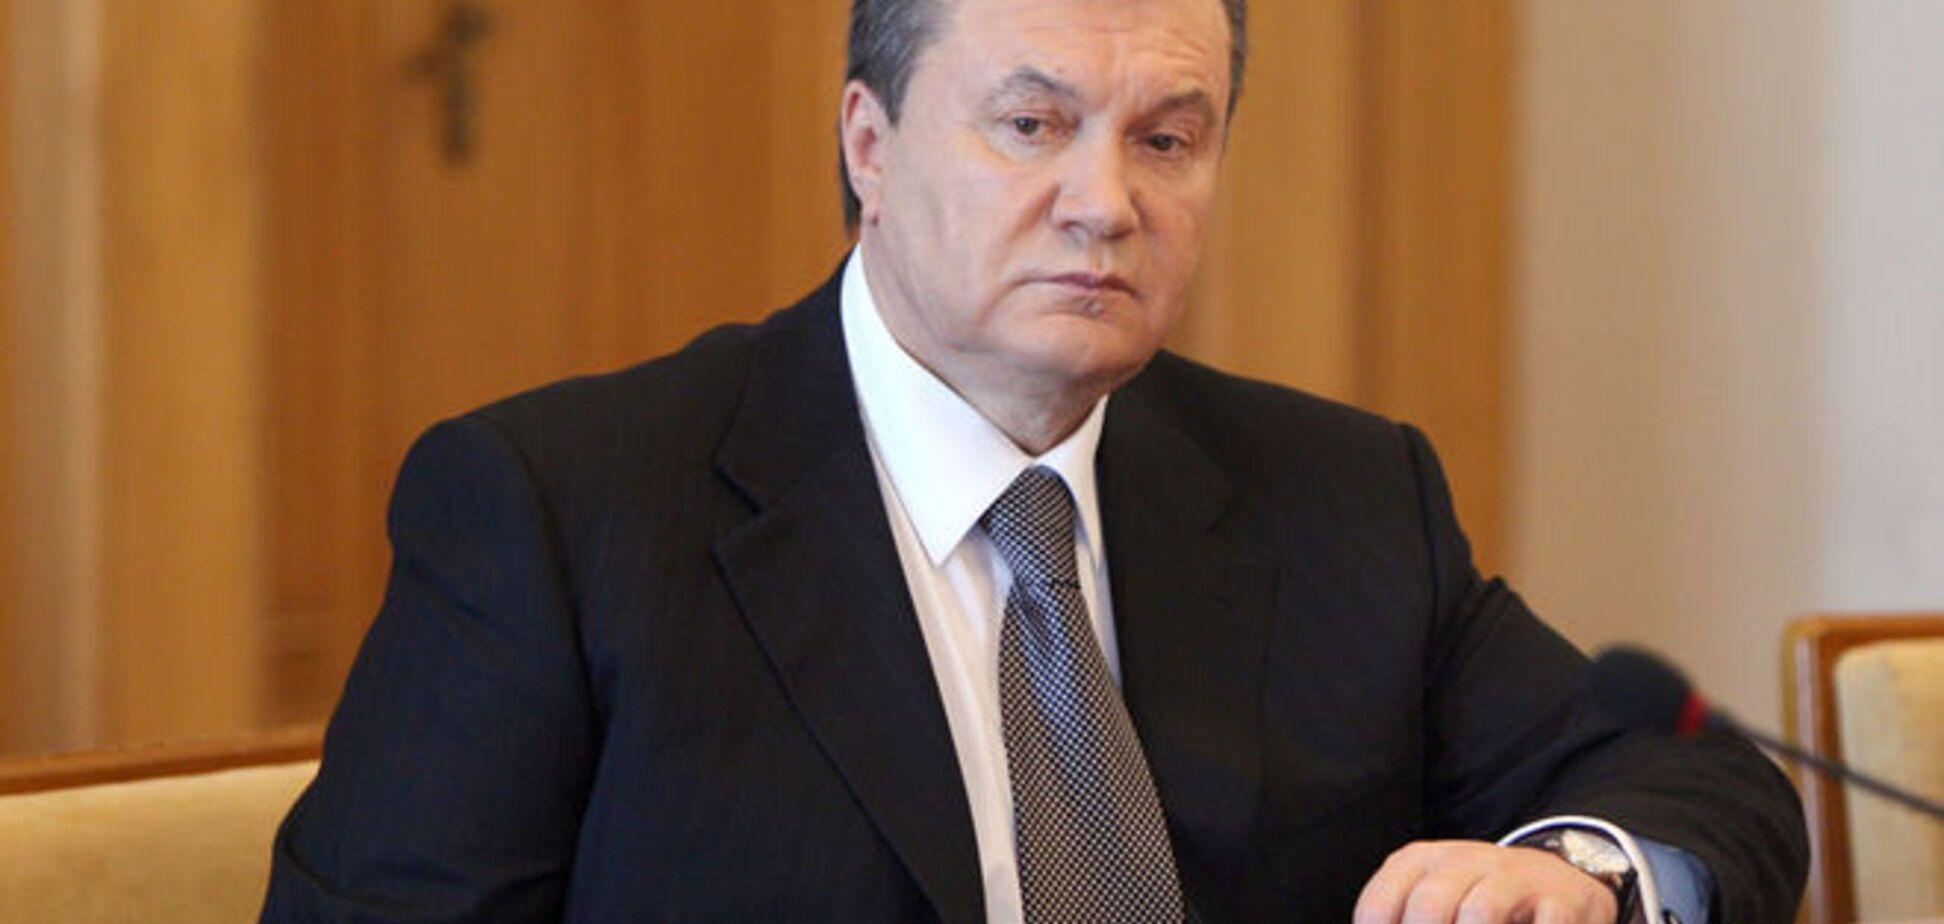 Янукович находится в Крыму, у него действительно инфаркт – СМИ